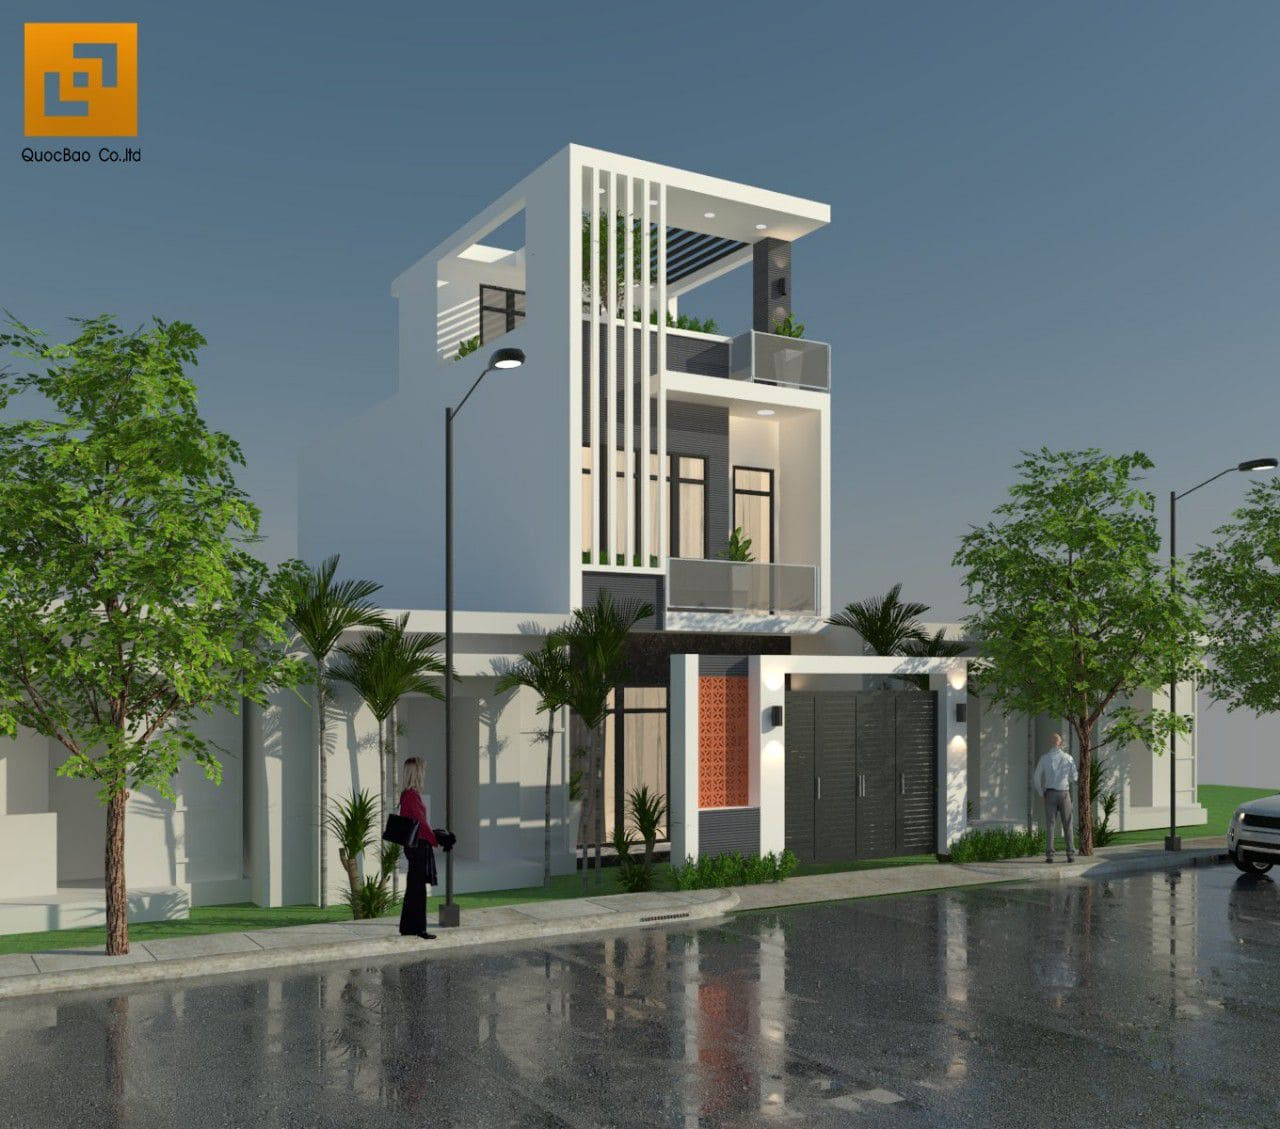 Giữa lòng phố thị đông đúc, việc bố trí nhiều mảng xanh sẽ khiến cho ngôi nhà trở nên tươi mát hơn